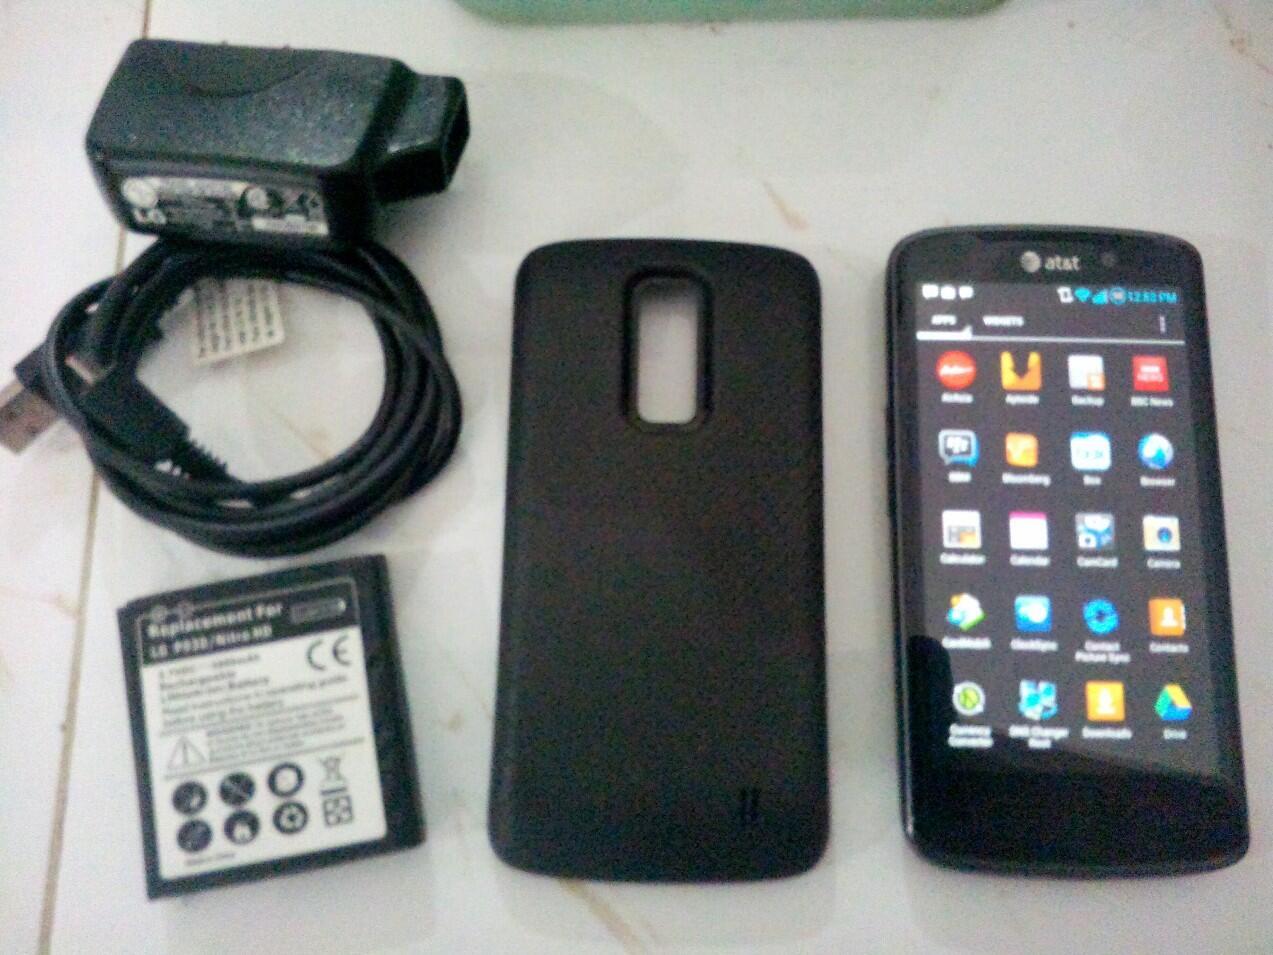 LG Nitro HD P930 Nexus